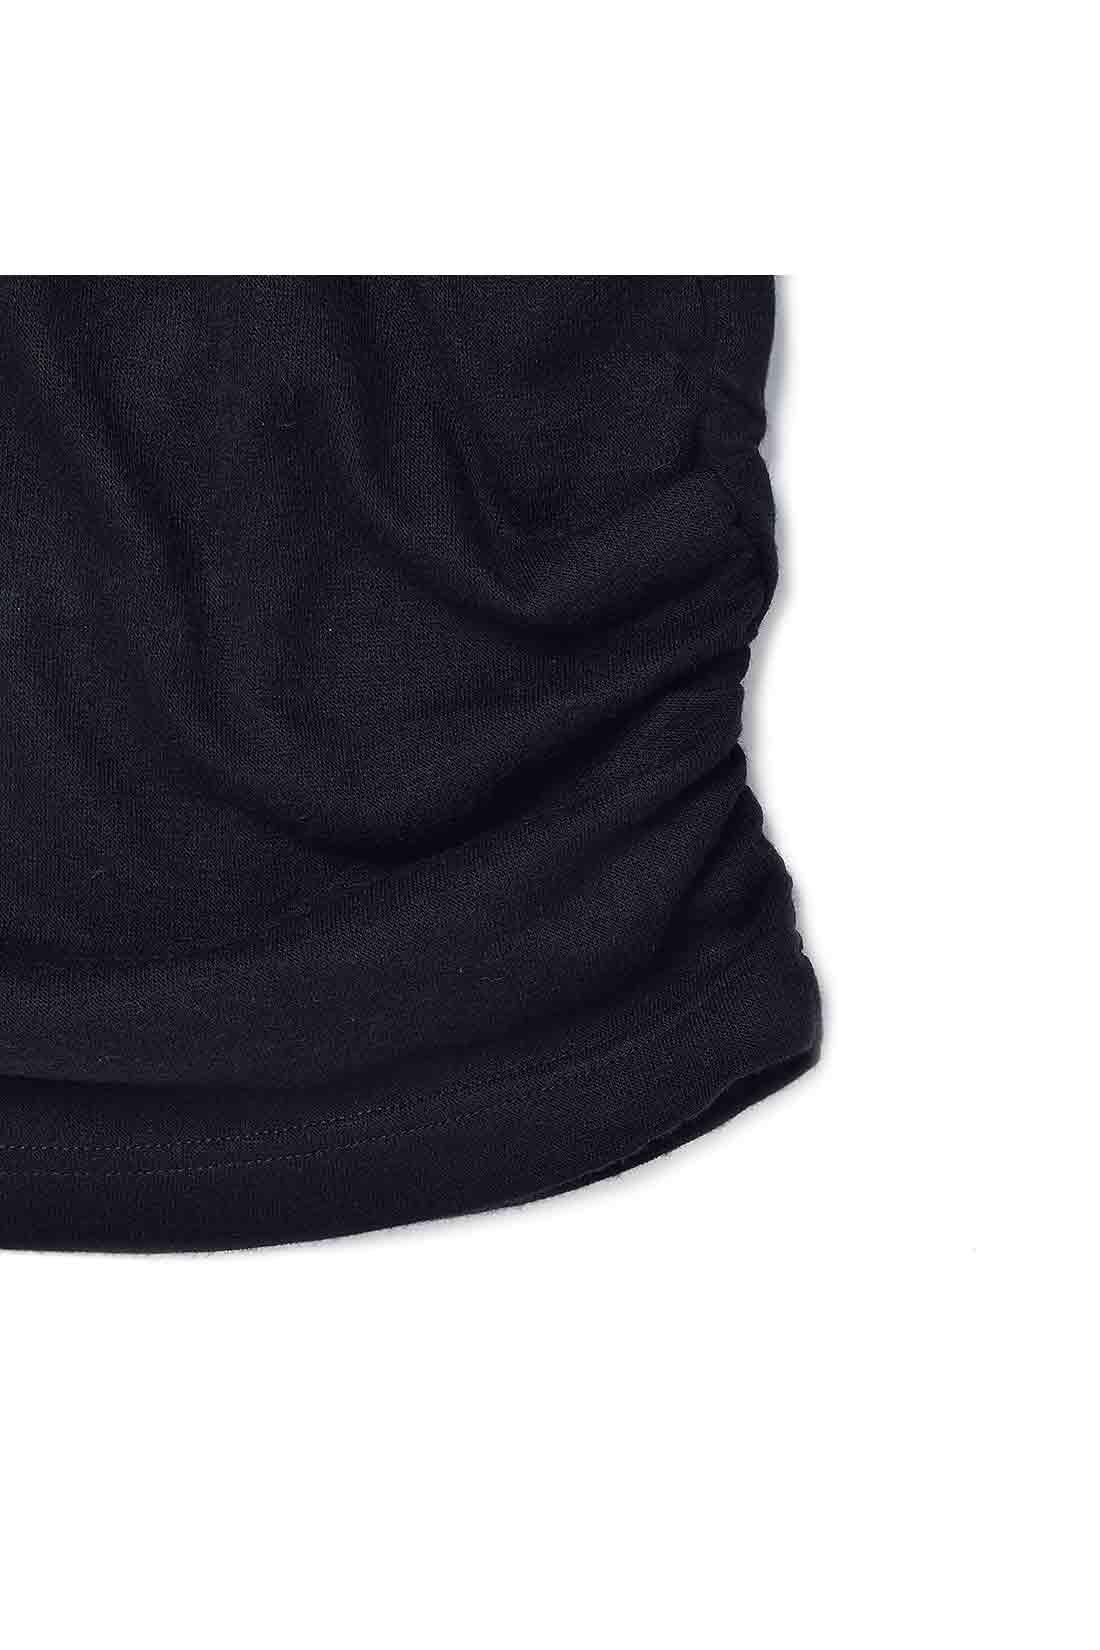 ニットソーはわきギャザーデザインで腰まわりをカバーし、こなれ感と細見せをかなえます。